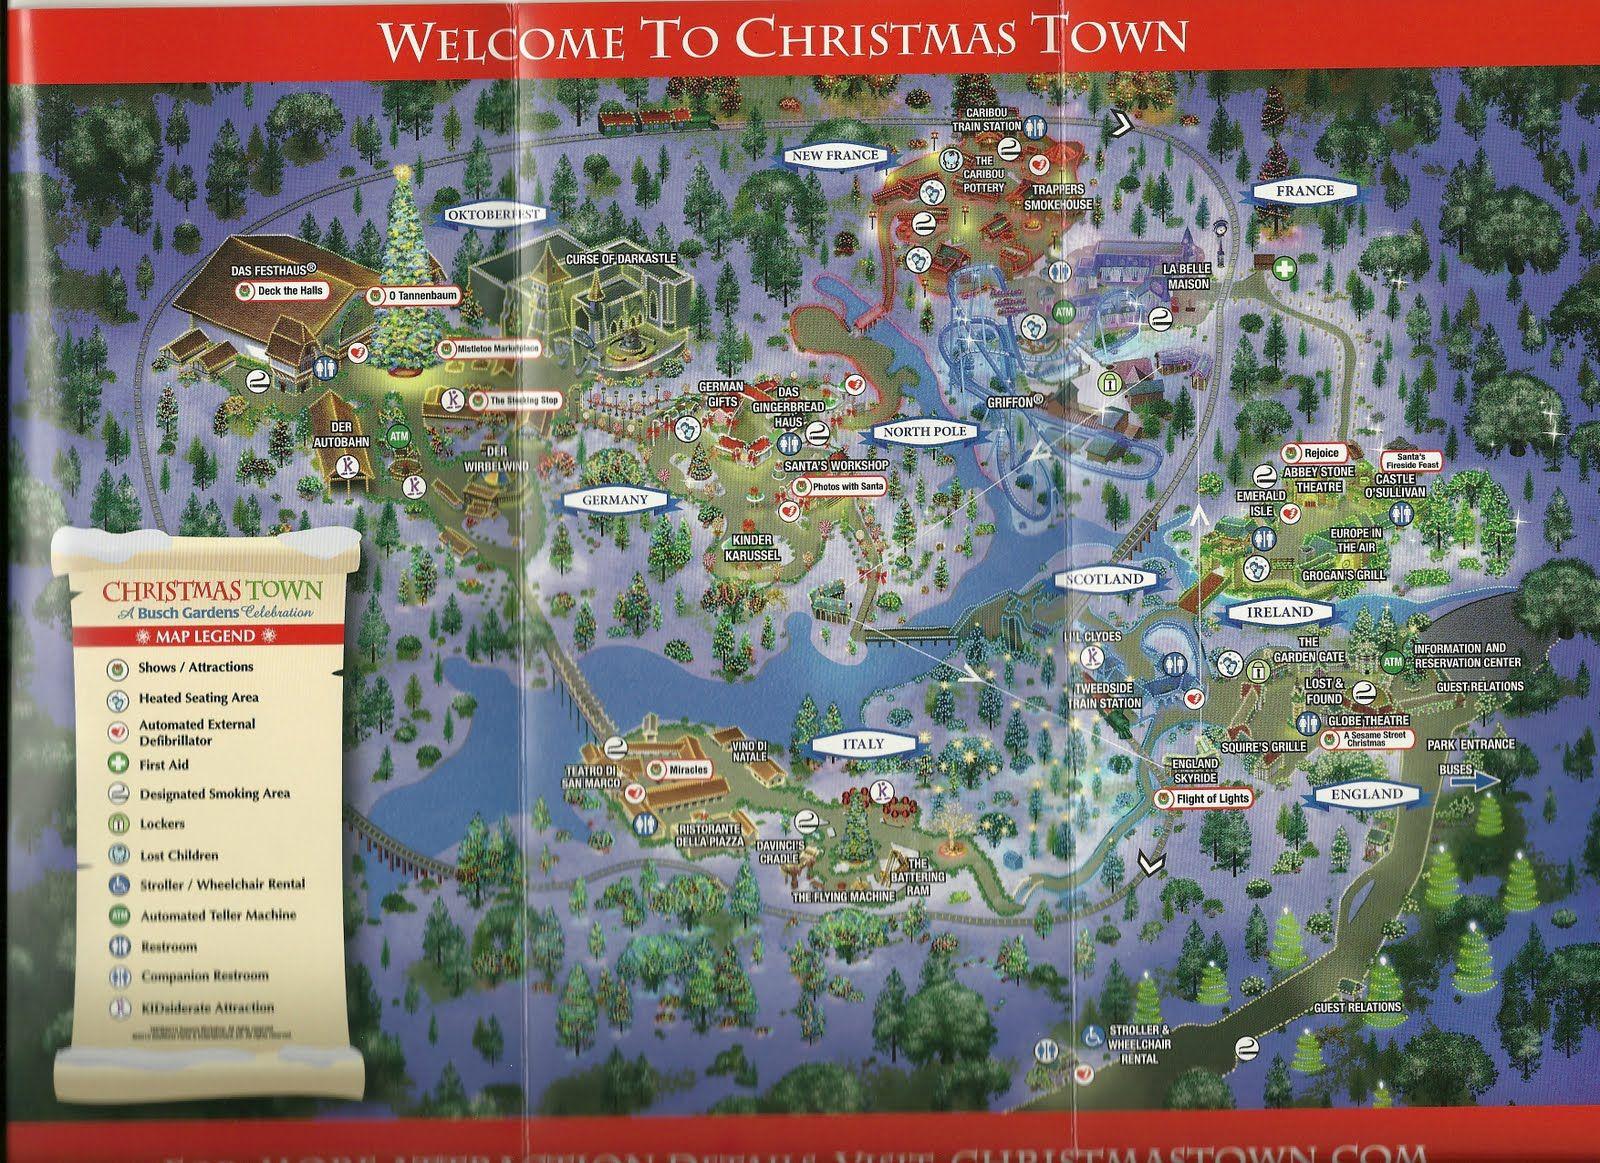 a066654477b14e9355f44d9d2a099117 - Busch Gardens Tampa Christmas Town Map